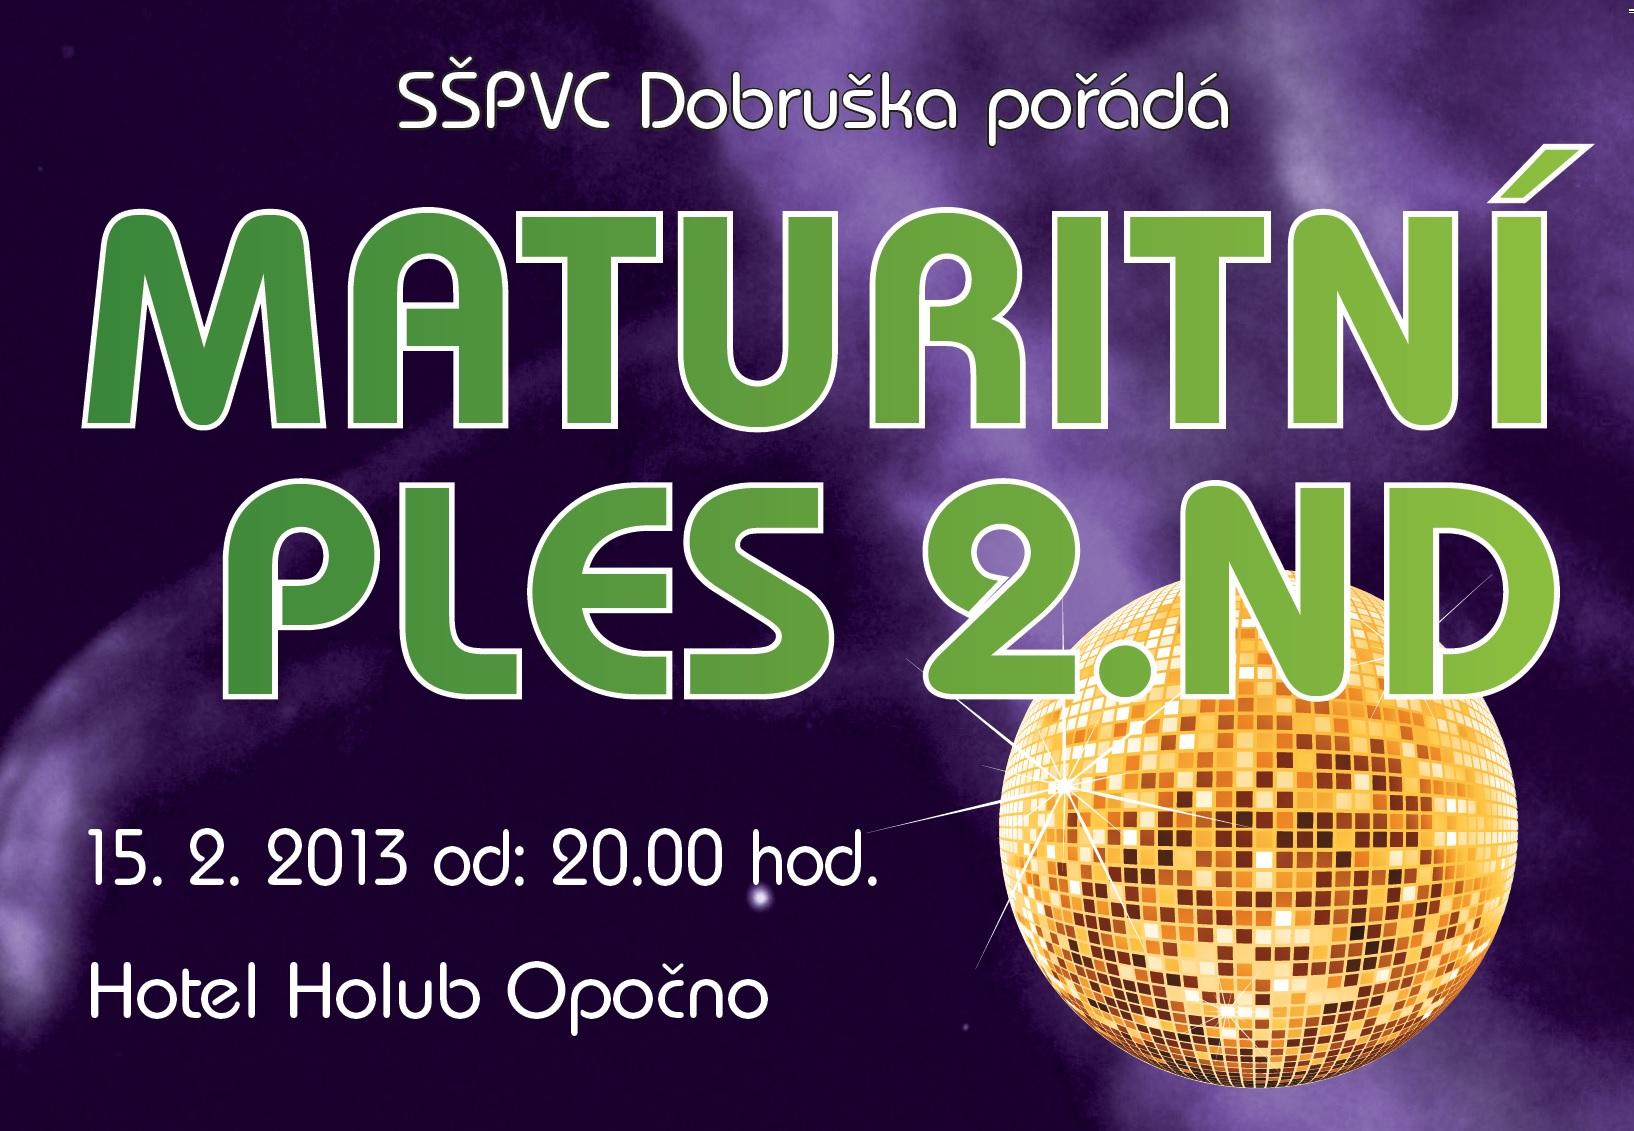 Maturitní ples 2.ND - 15. února (hotel Holub Opočno)